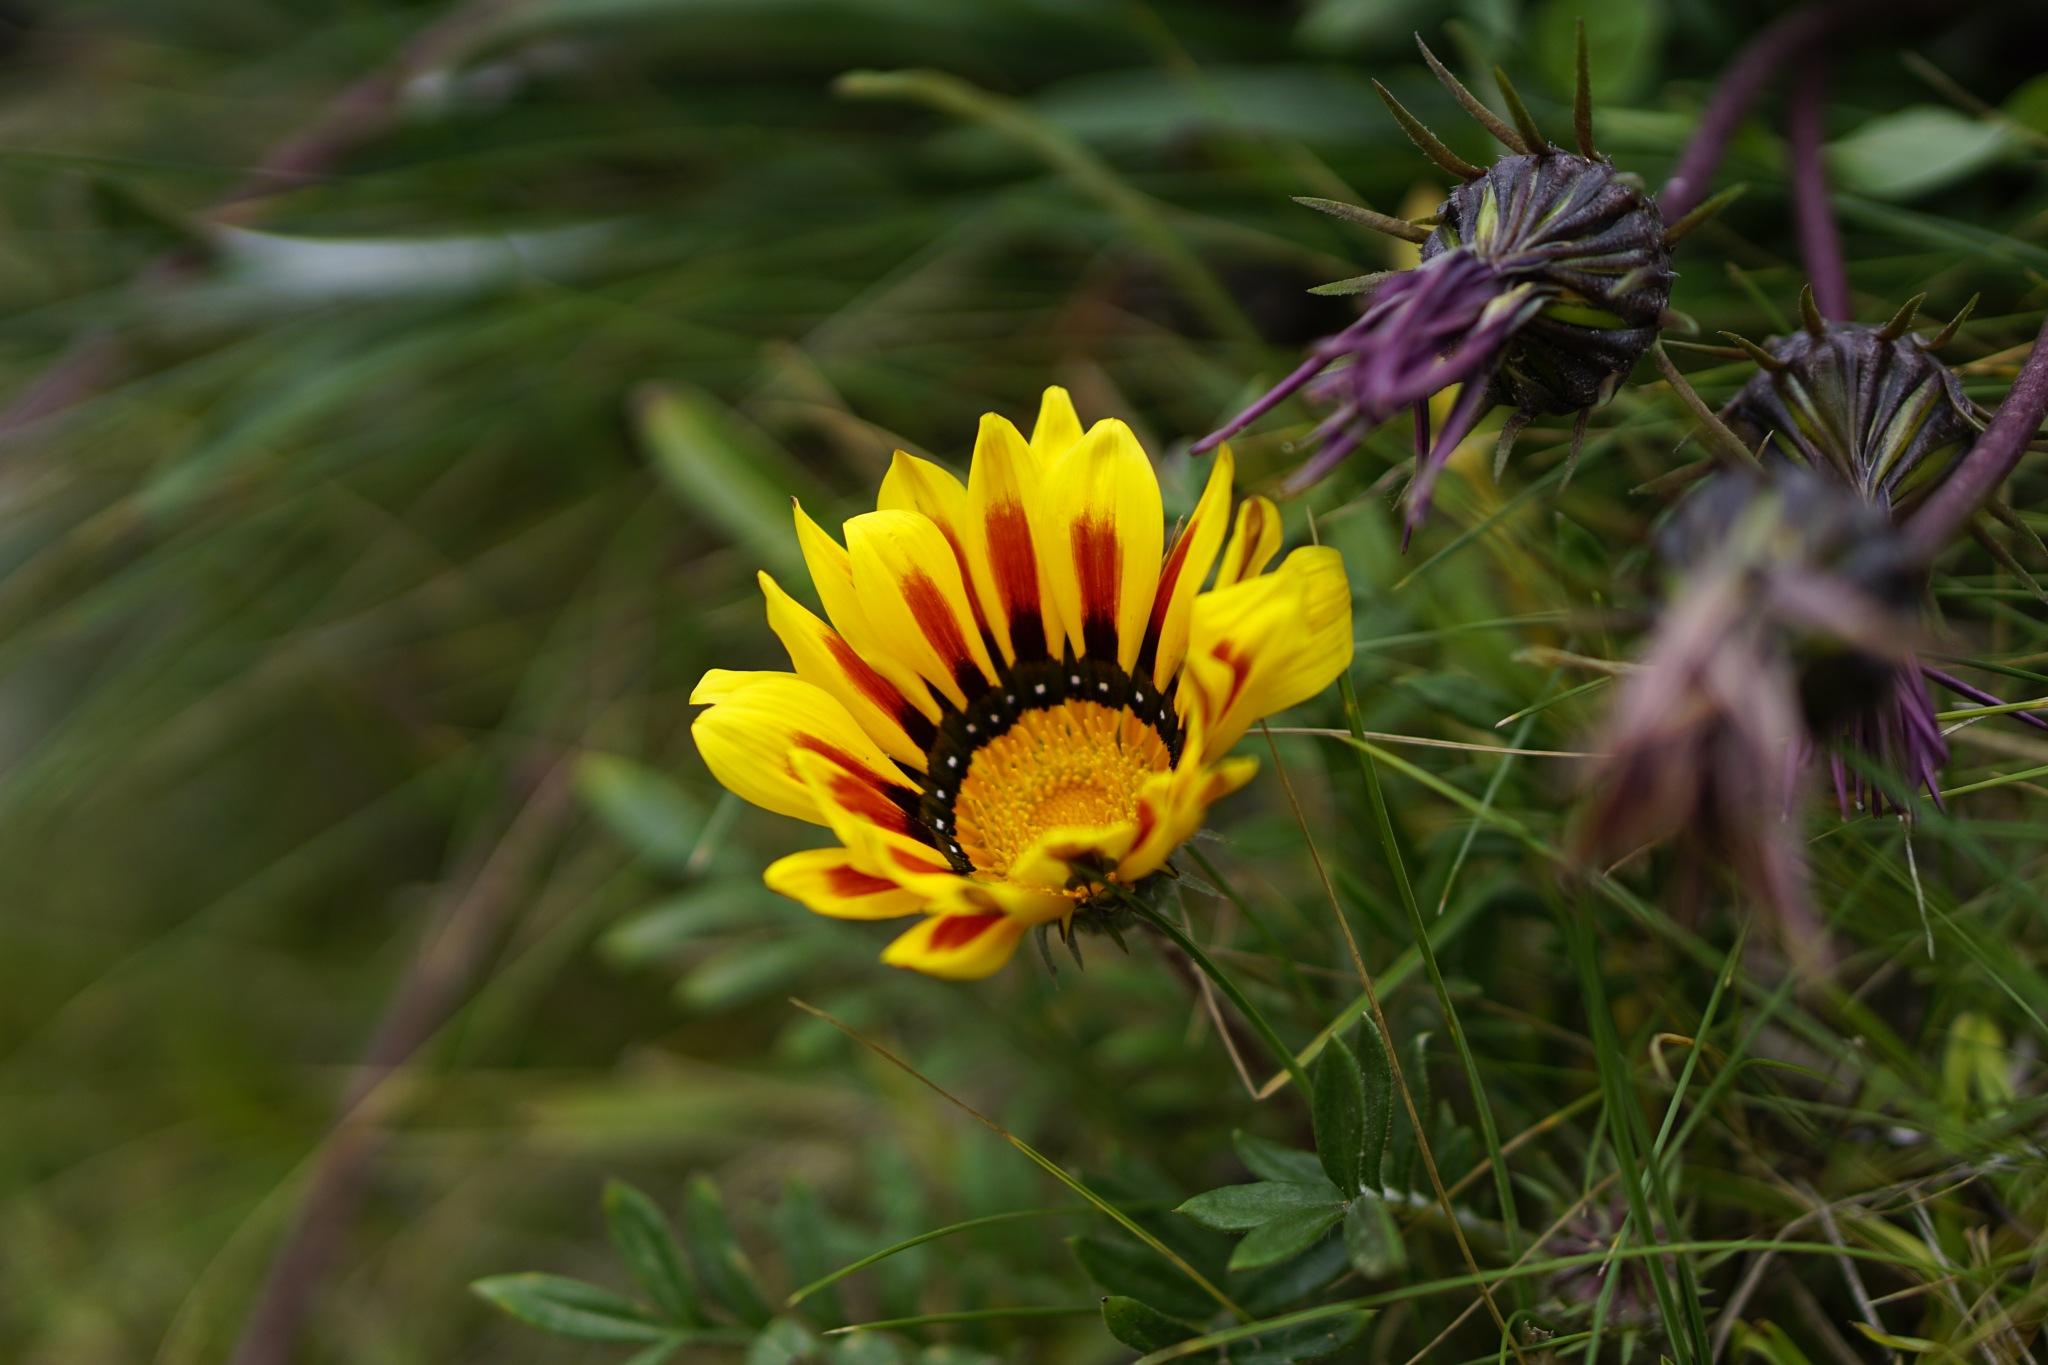 Light Flower by Marcelo Lorca